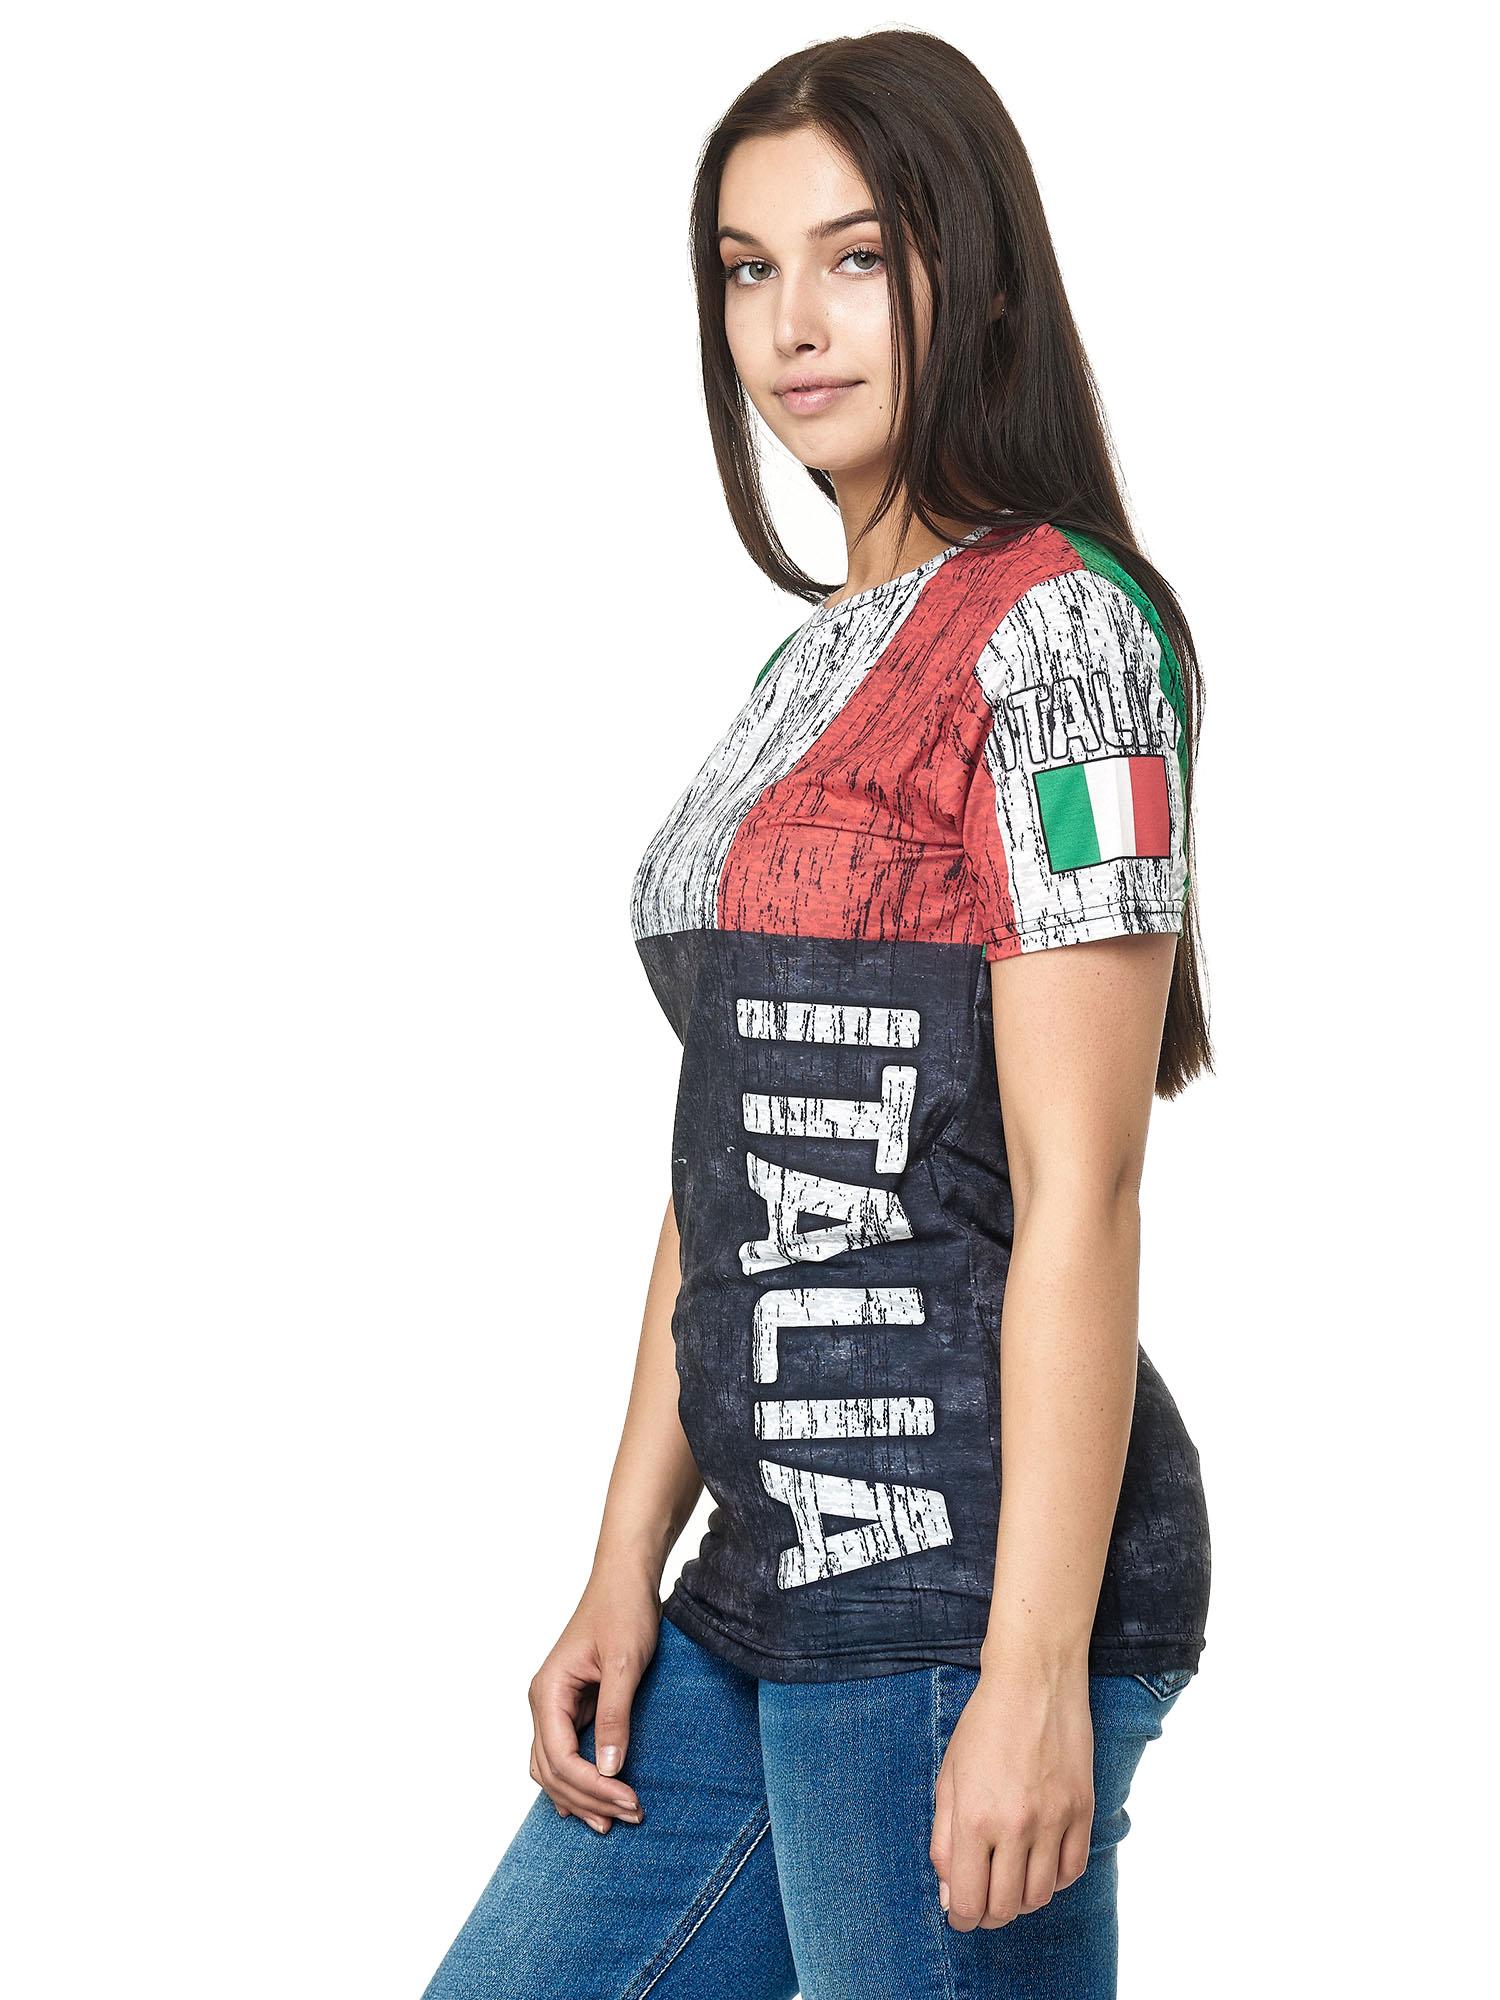 Paesi-da-Donna-T-shirt-A-Maniche-Corte-Girocollo-donne-CALCIO-Fanshirt-John-Kayna miniatura 67